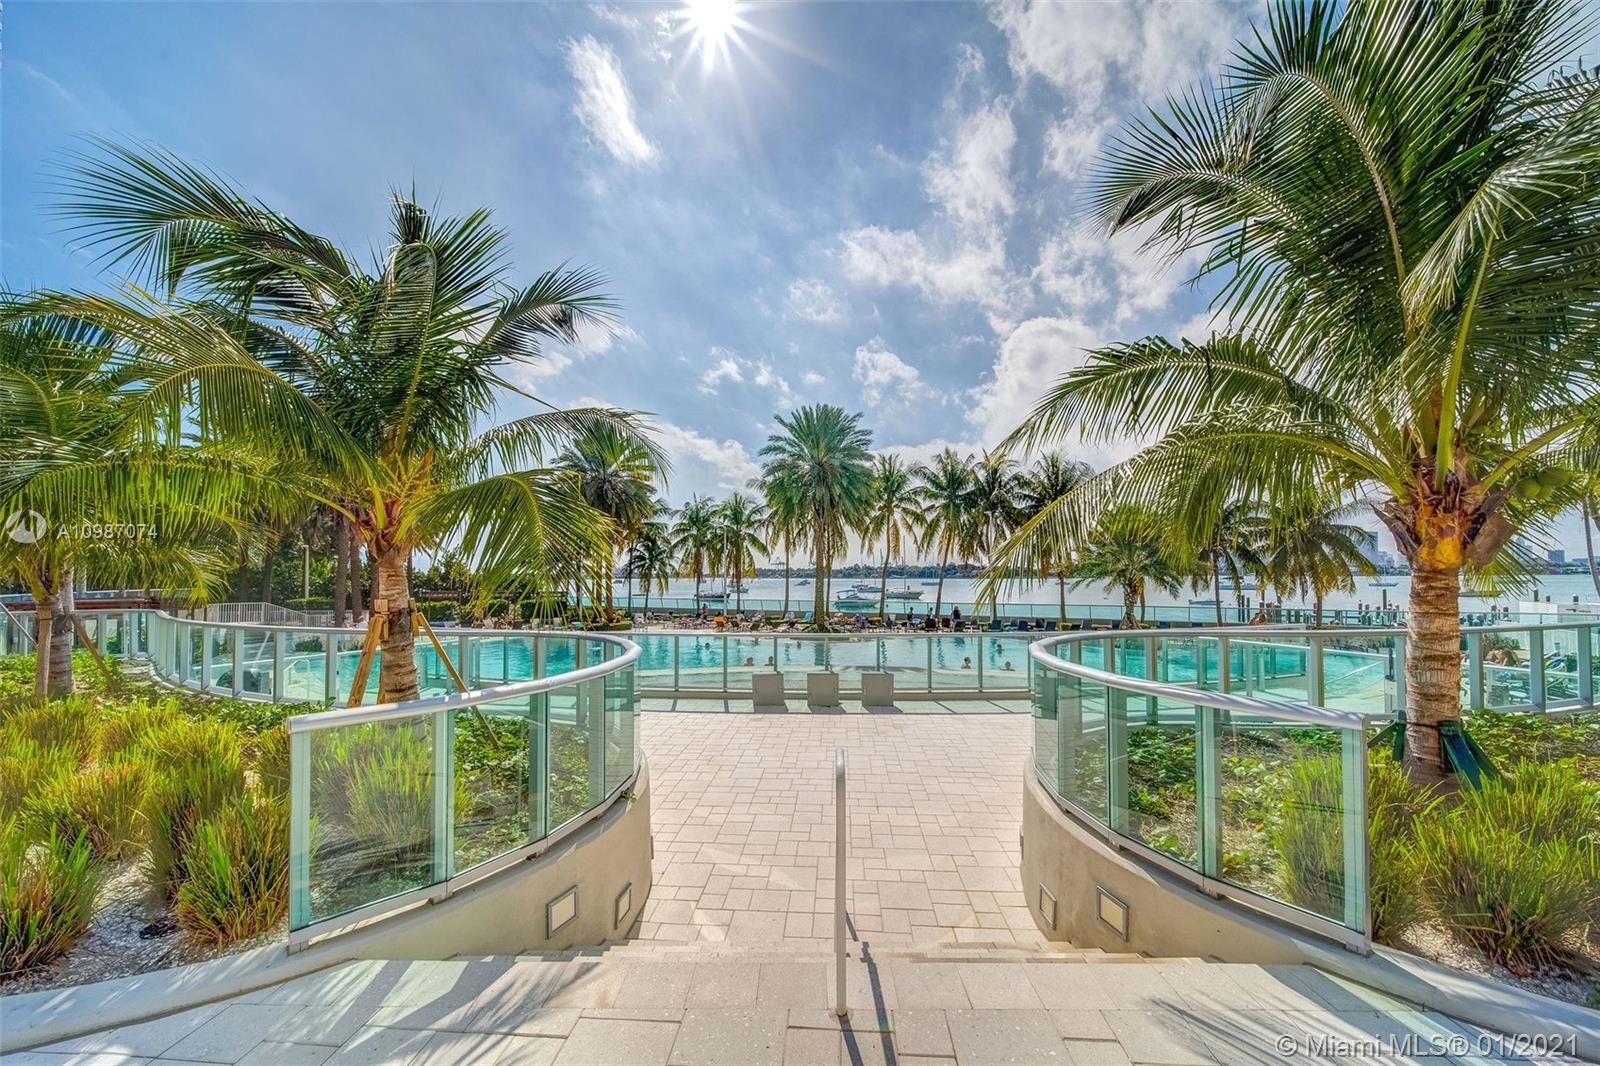 Flamingo South Beach #M-1018 - 1500 Bay Rd #M-1018, Miami Beach, FL 33139